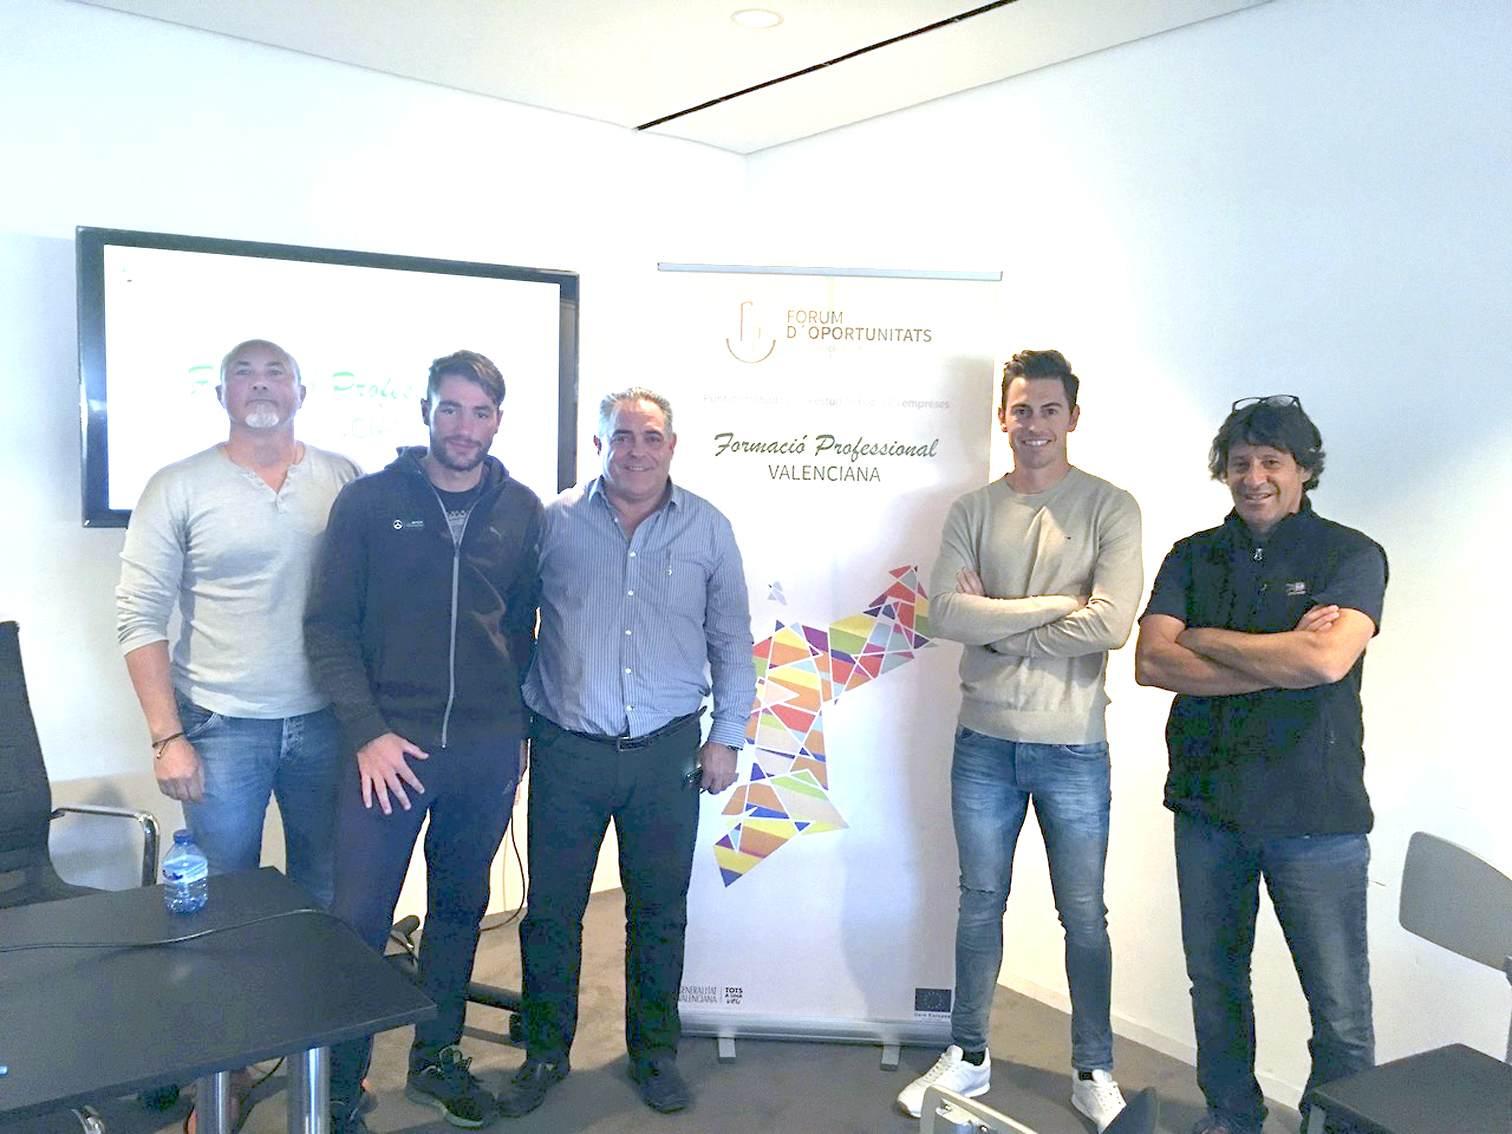 El Club de Tennis Teixereta i l'Institut de Secundària La Creueta d'Onil participen en un esdeveniment sobre la FP a la Comunitat Valenciana